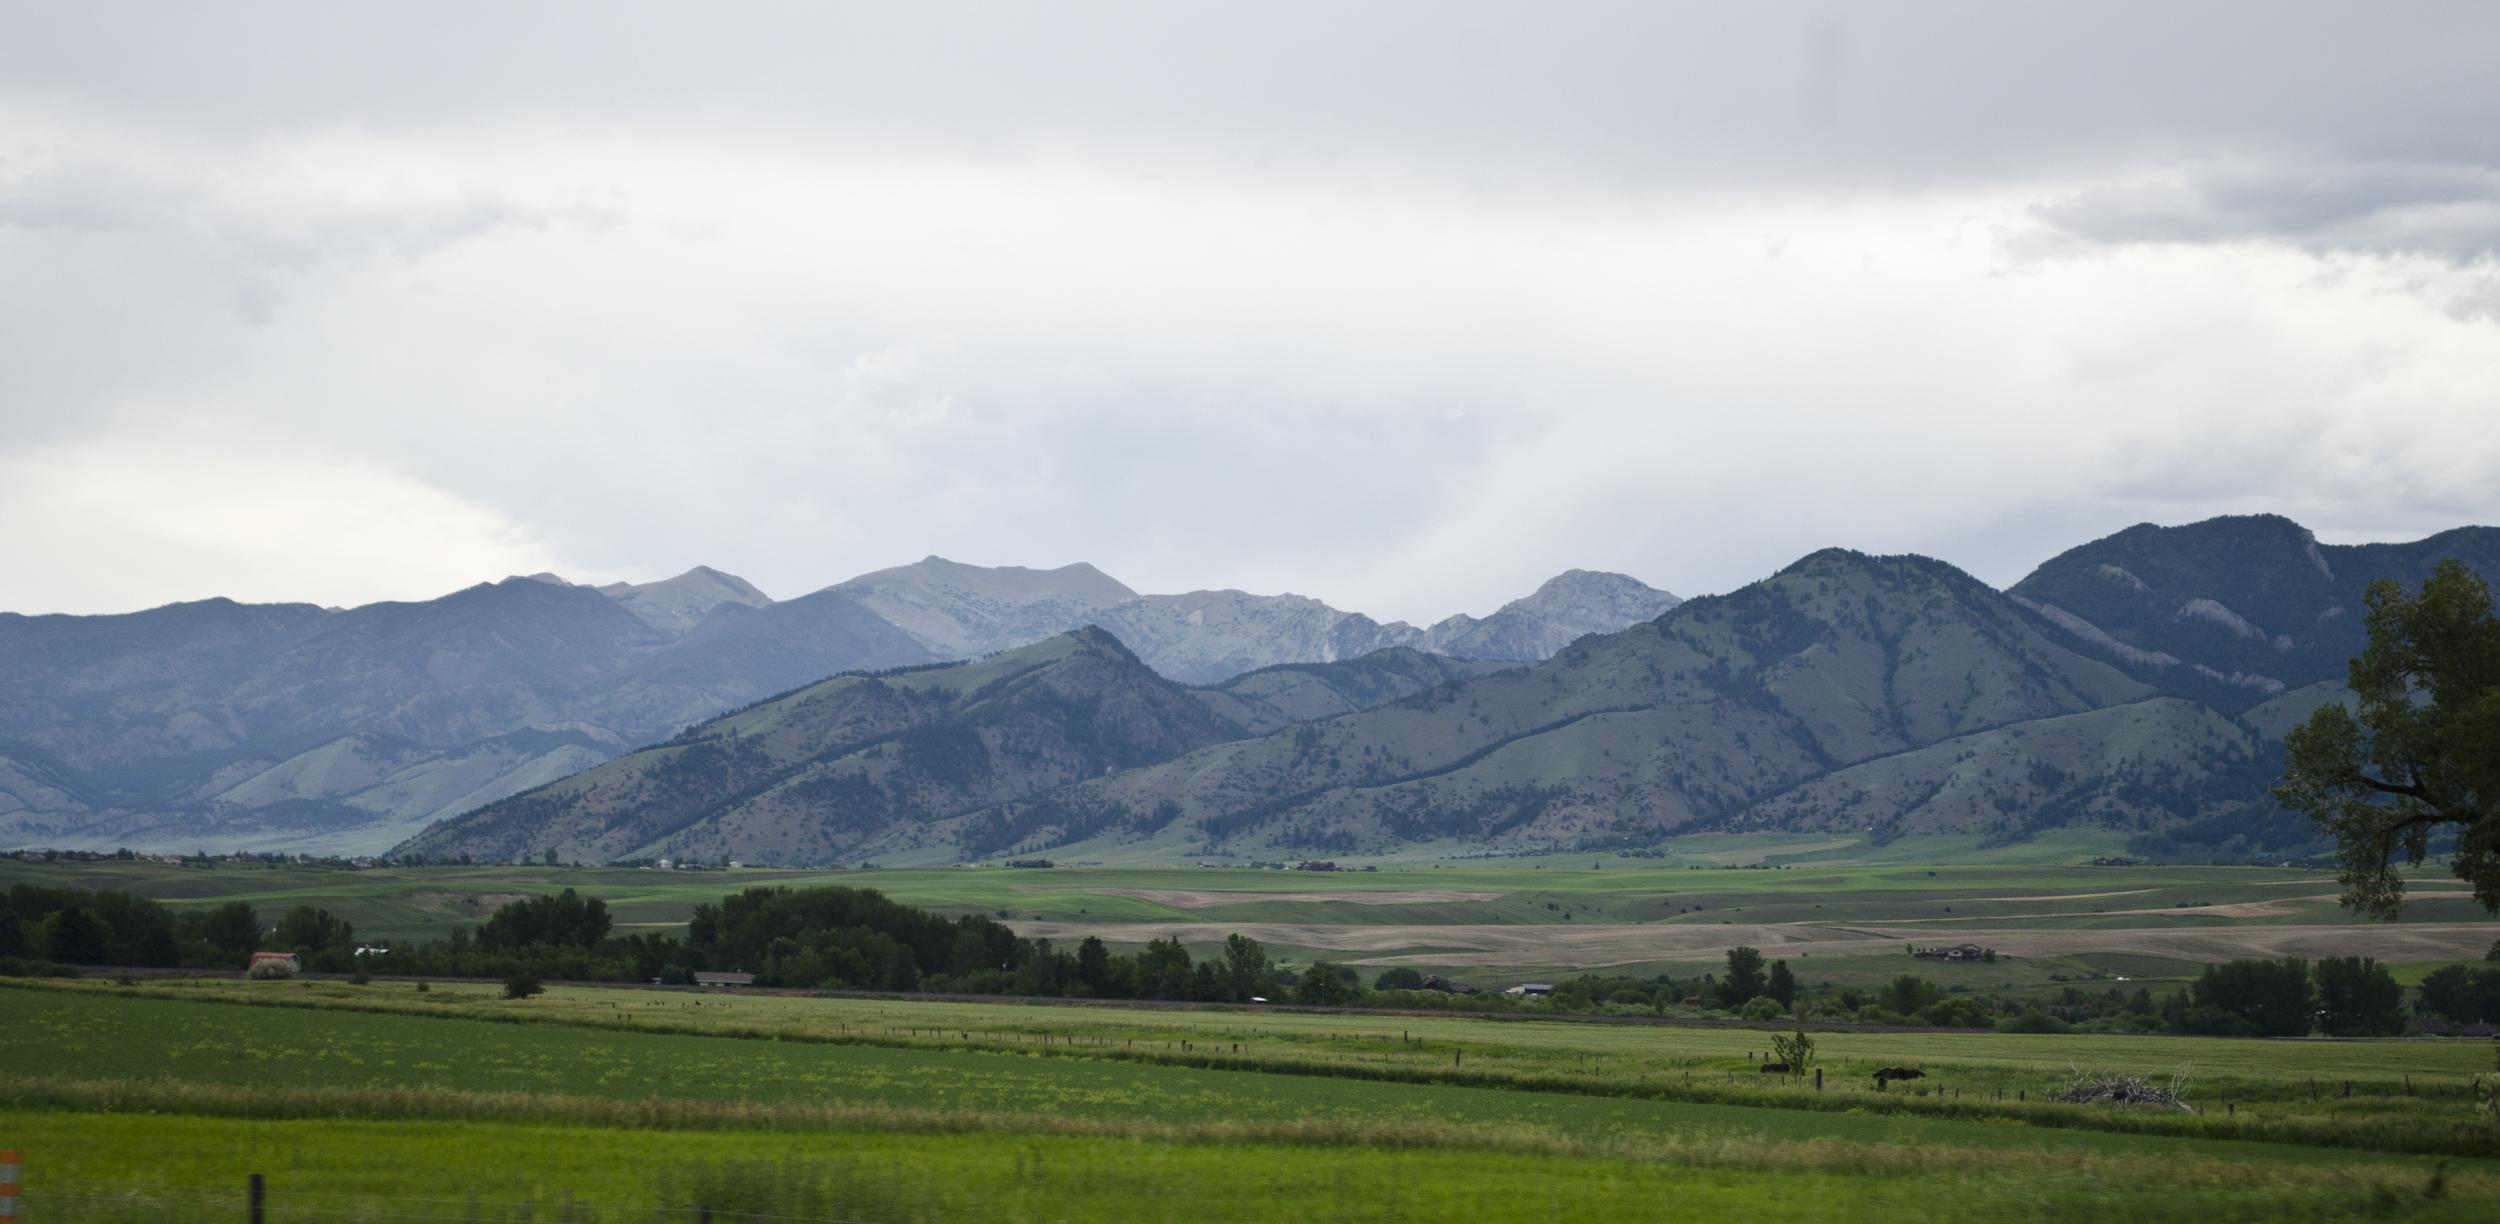 Looking_NE_at_Bridger_Mountains_-_Montana_-_2013-07-07.jpg